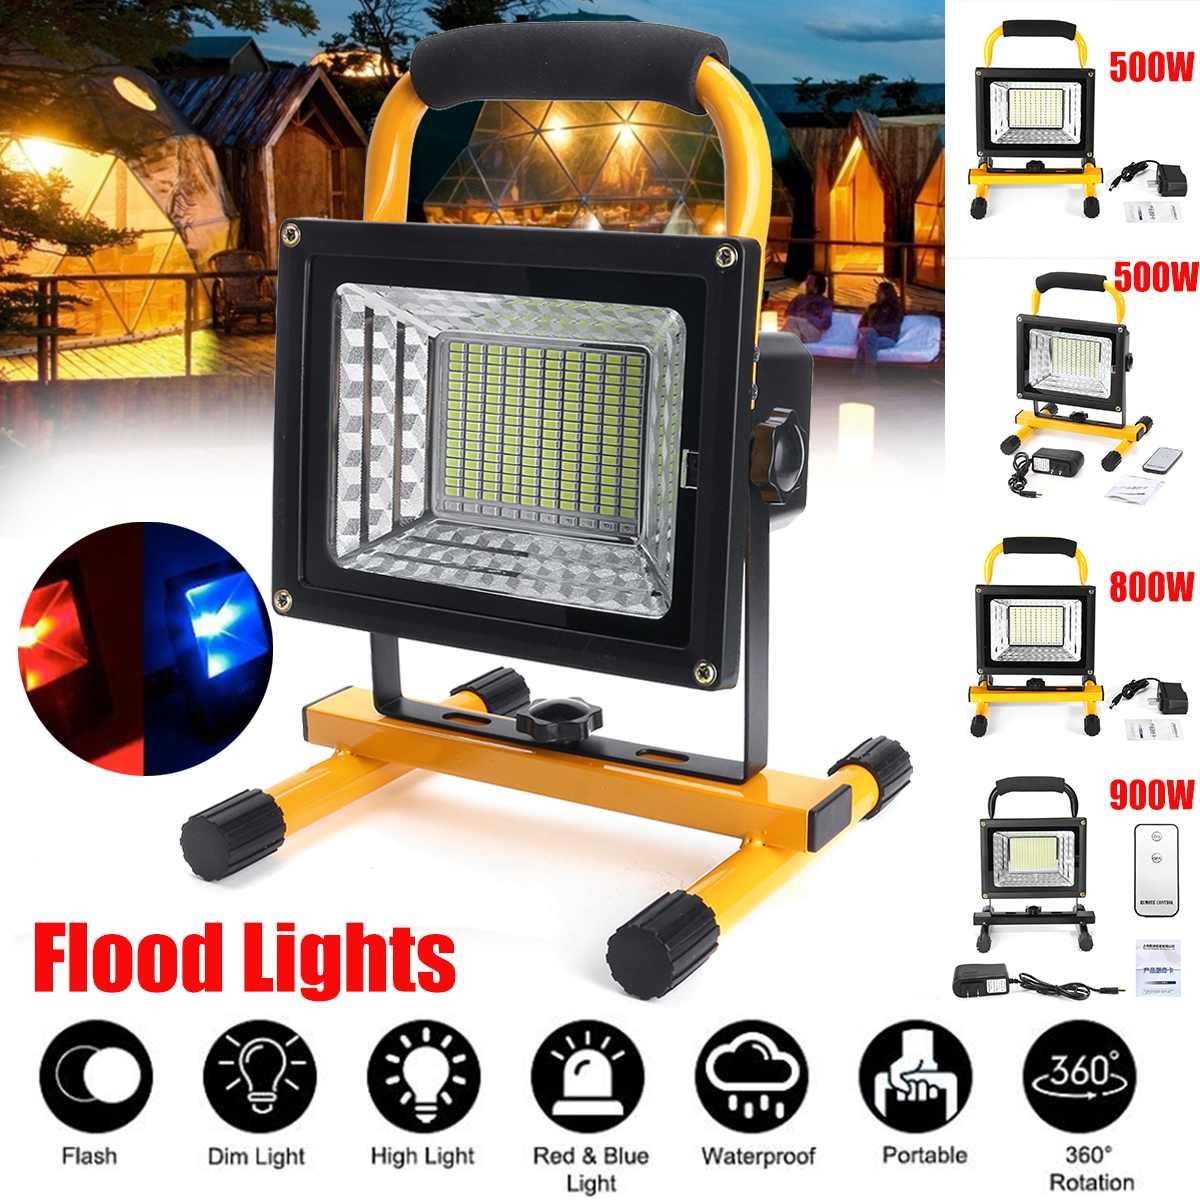 500/800/900 w led 휴대용 충전식 투광 조명 방수 스포트 라이트 배터리 구동 서치 야외 작업 램프 캠핑